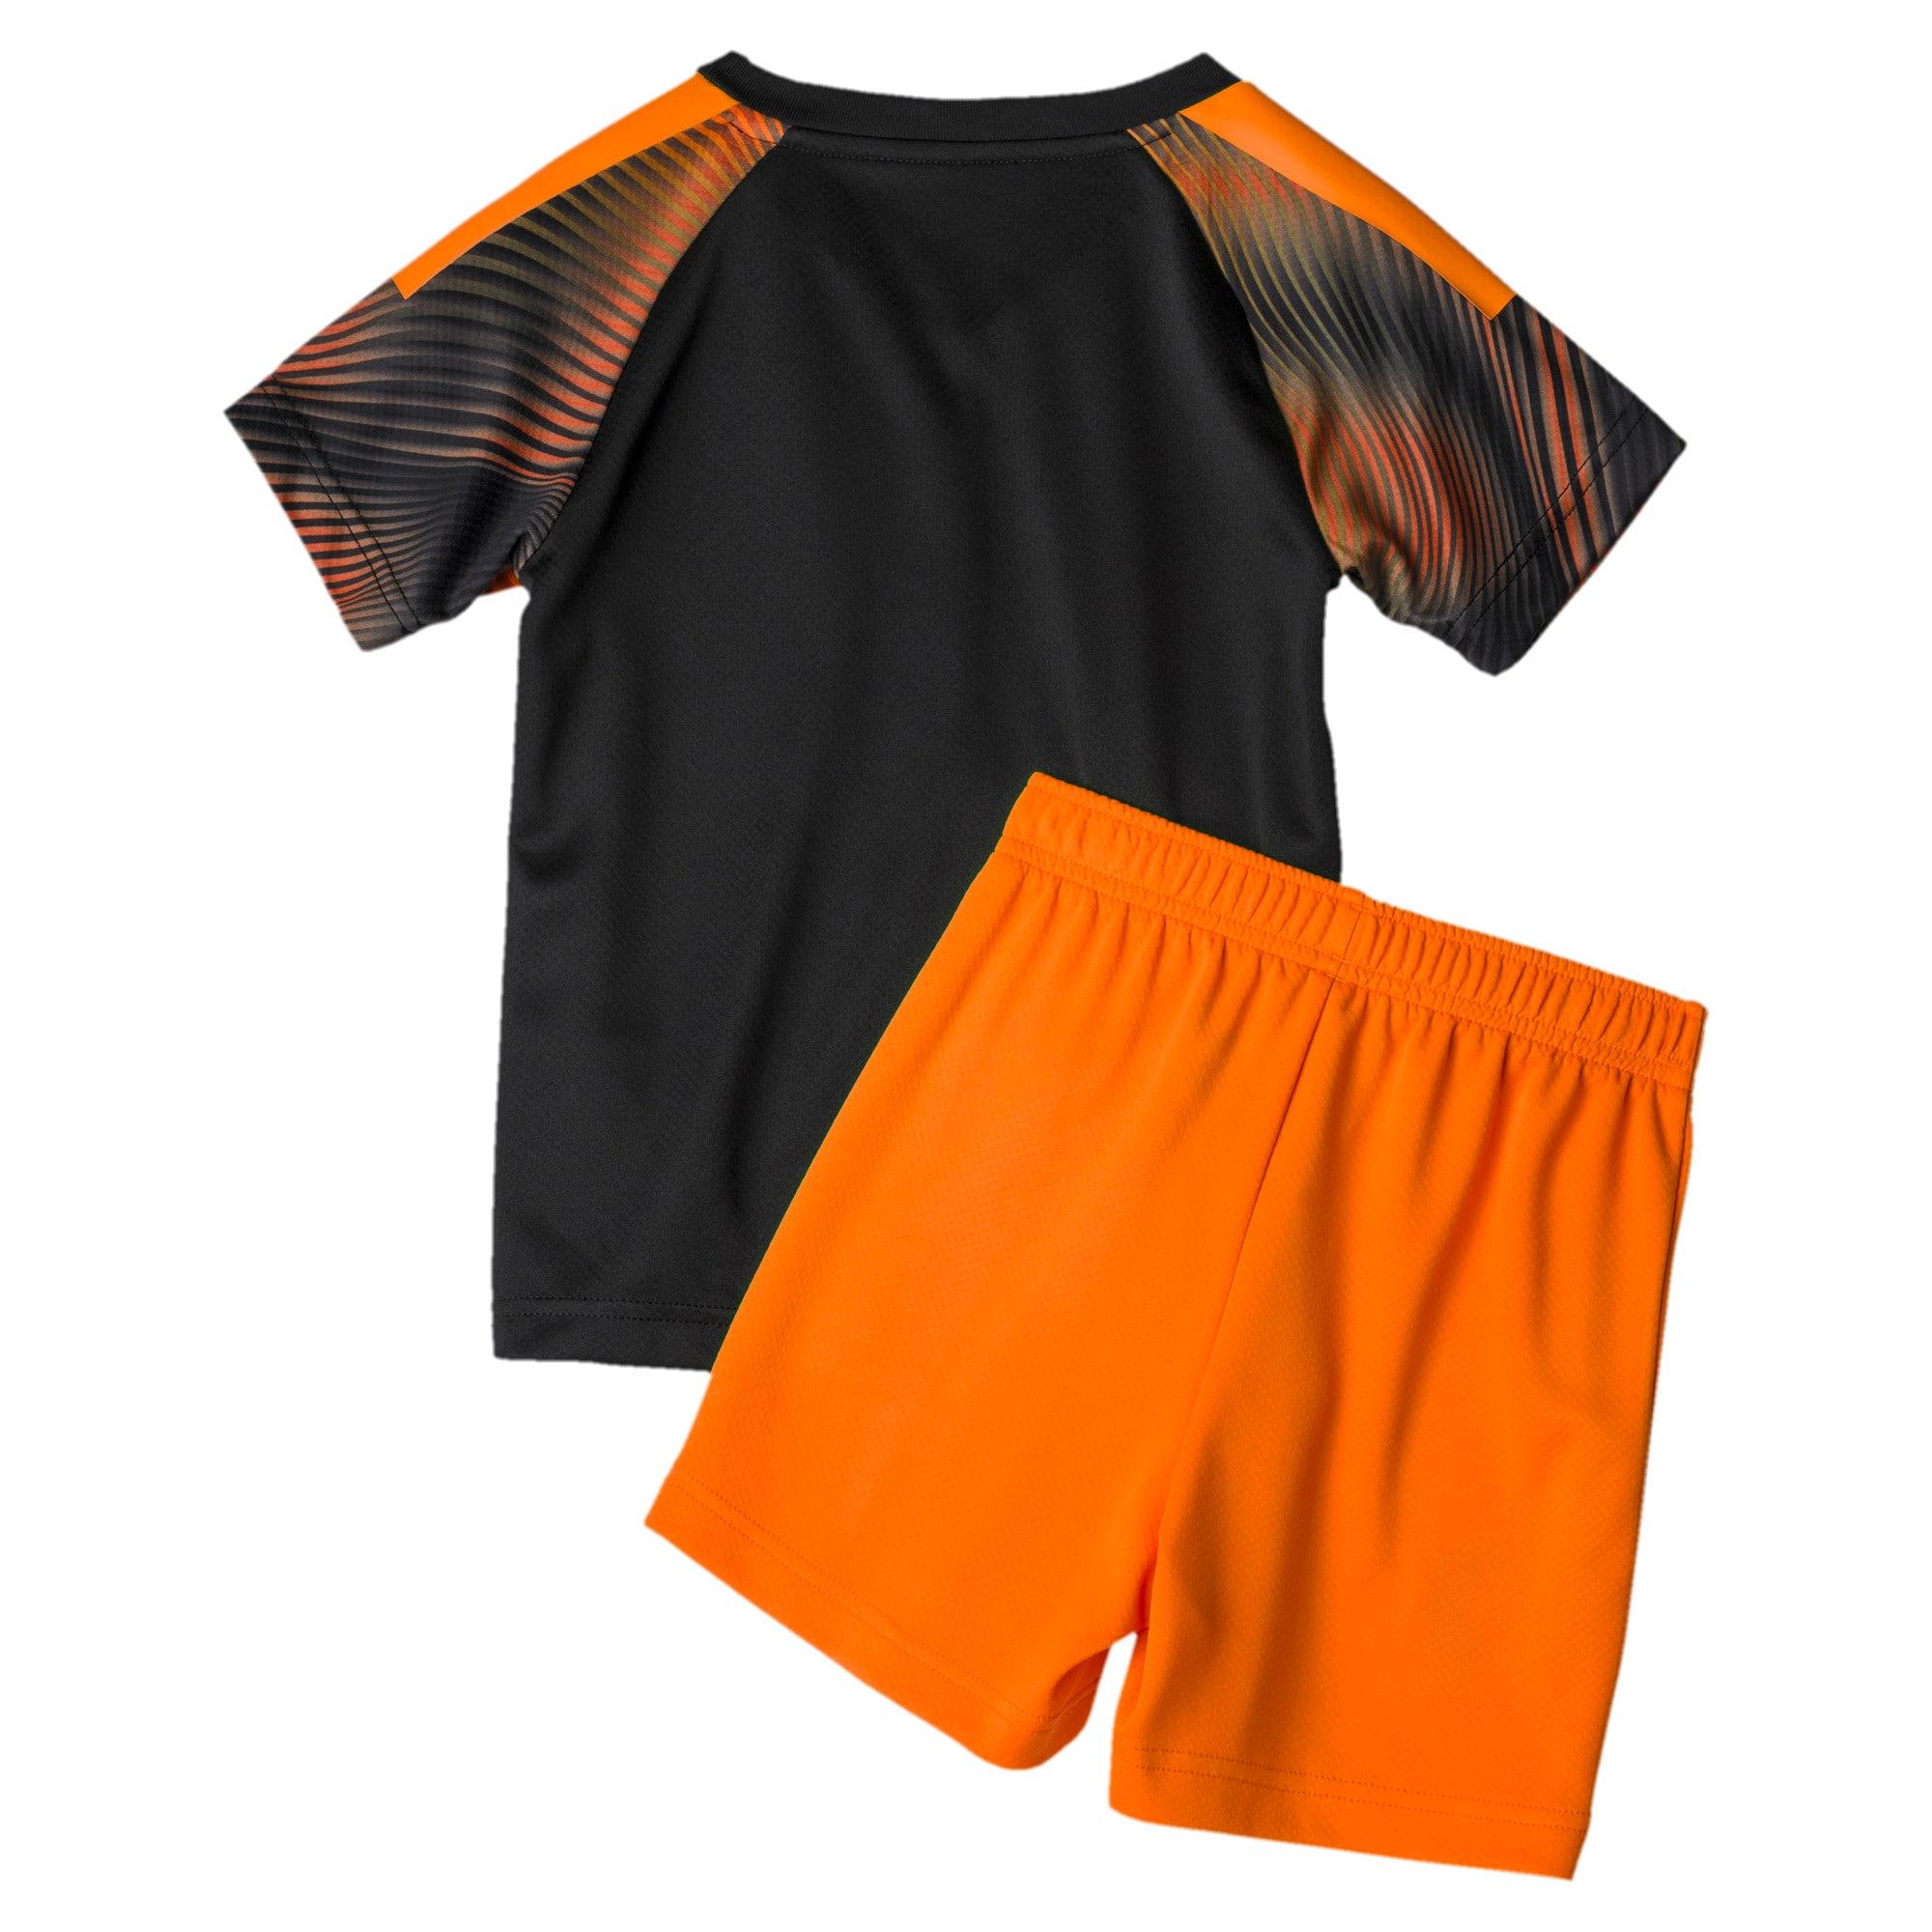 Thumbnail 2 of Valencia CF Away Kids' Mini Kit, Puma Black-Vibrant Orange, medium